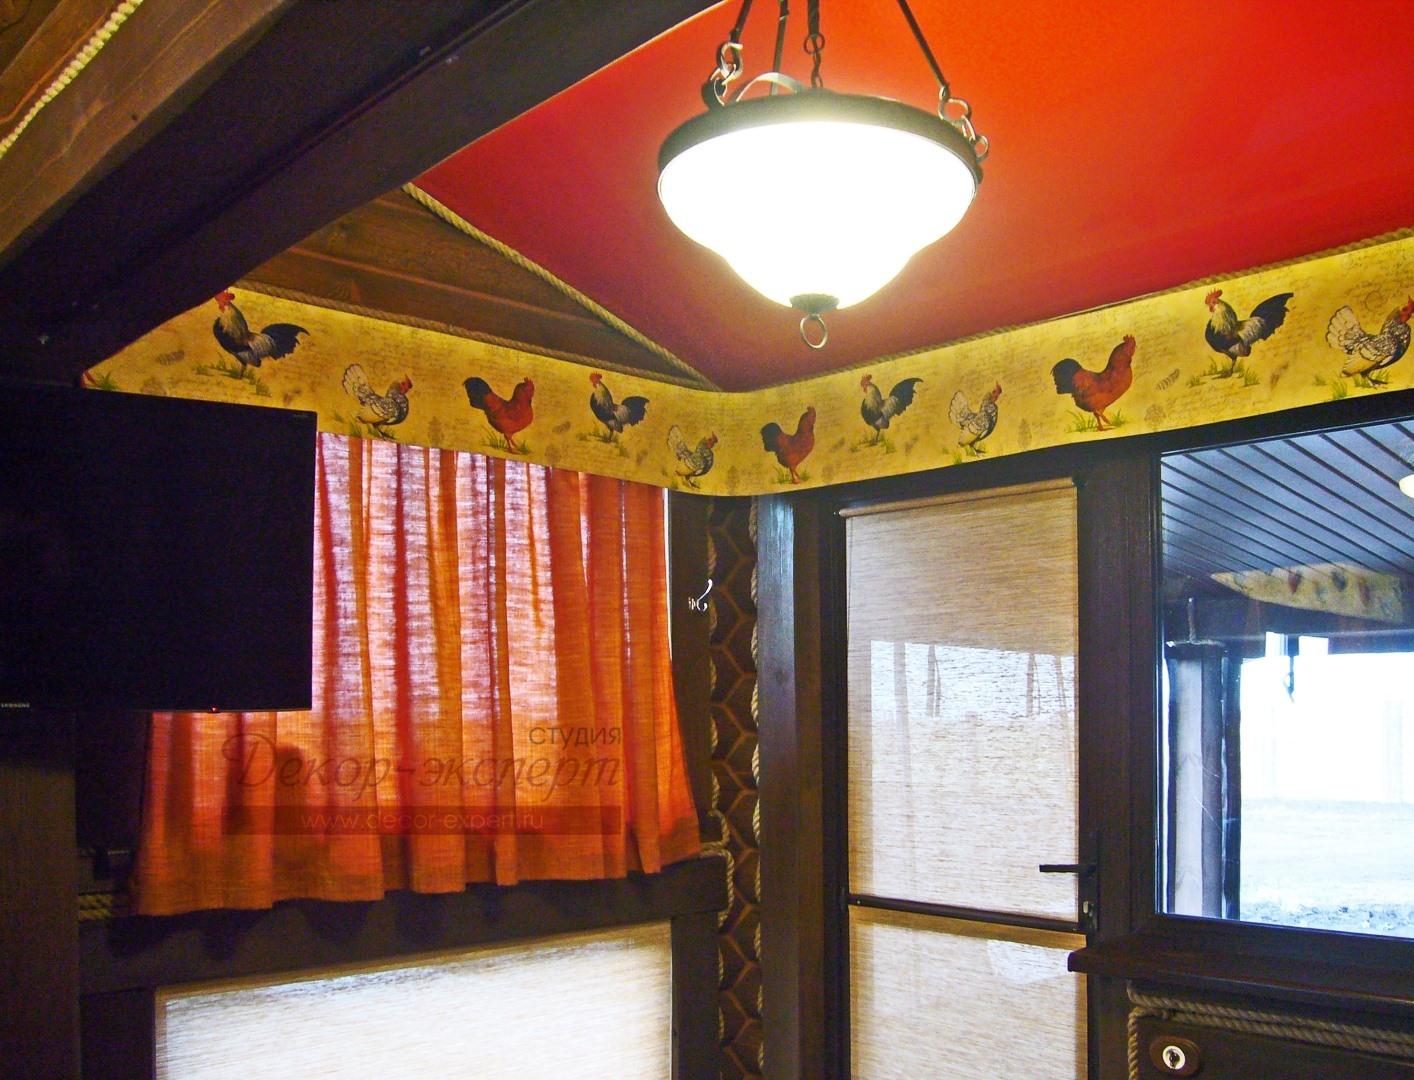 Рулонная штора на верхней части двери поднимается. На нижней части рулонная штора статичная.